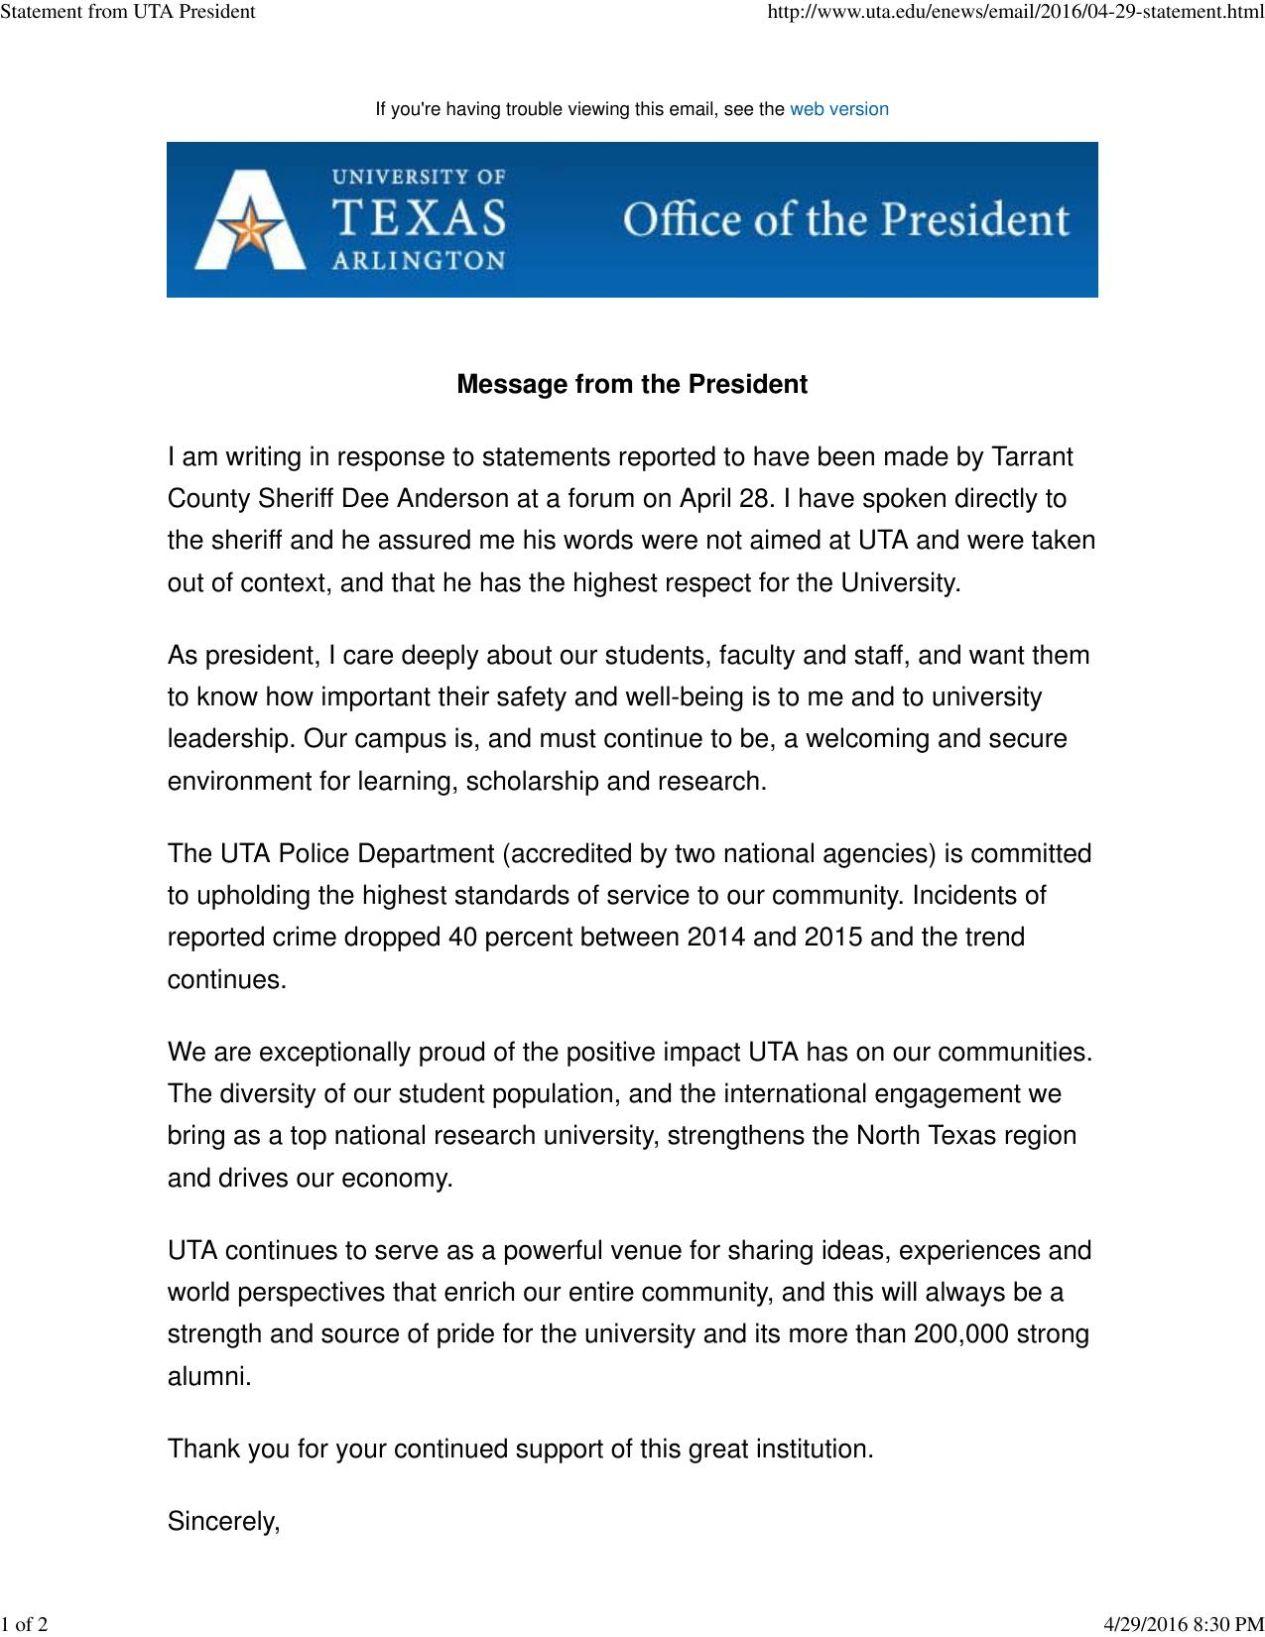 Sheriff ties terrorism to Arlington, UTA during forum | News ...